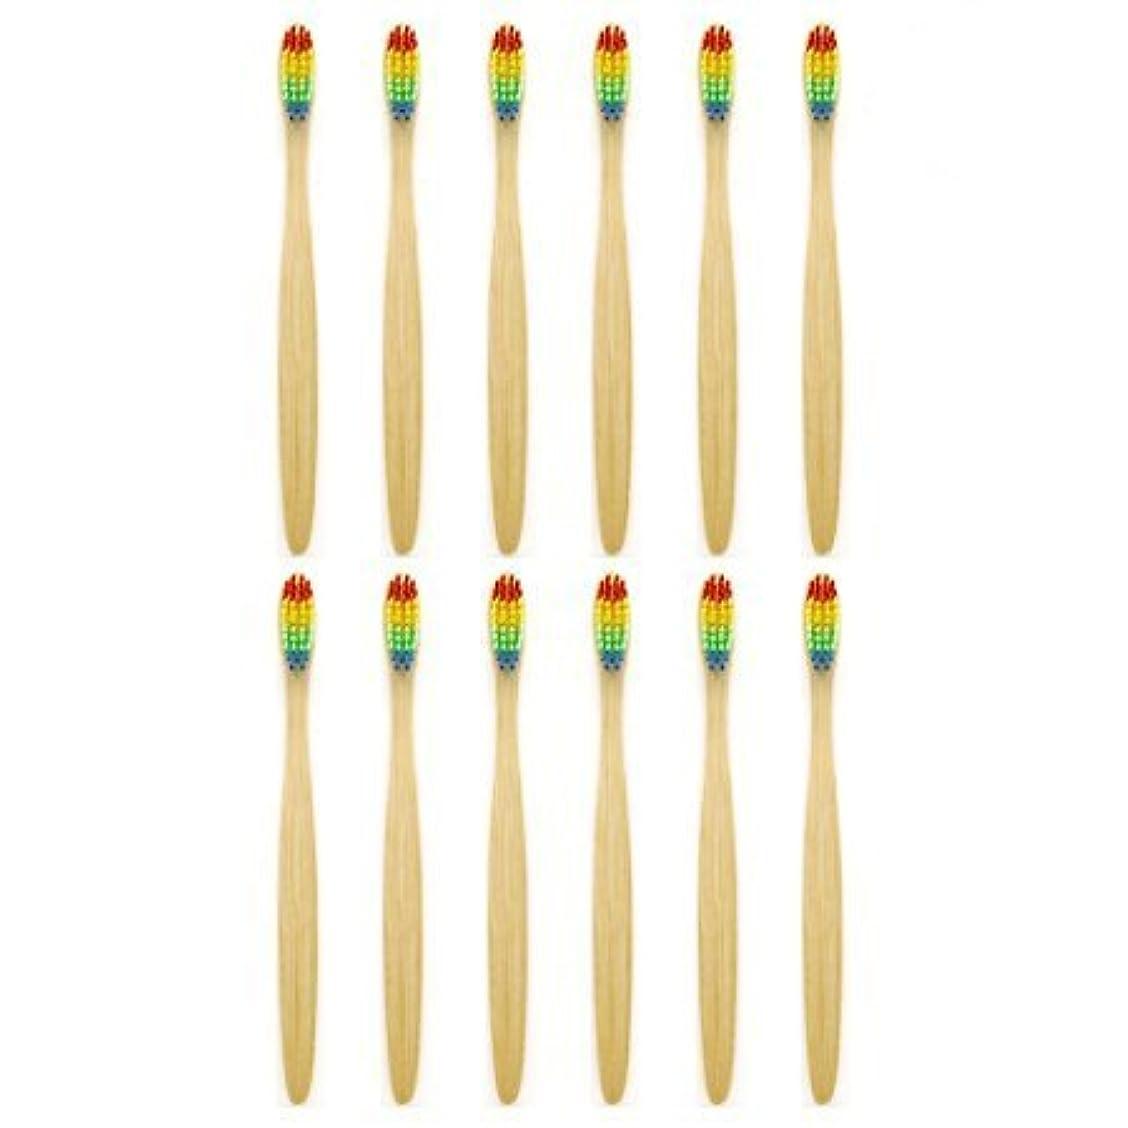 事実上驚かす重力天然竹歯ブラシGenkentリサイクル生分解性包装で環境にやさしい虹ナチュラル竹の歯ブラシはレインボーナイロン注入ブリストルで作られた(12本)